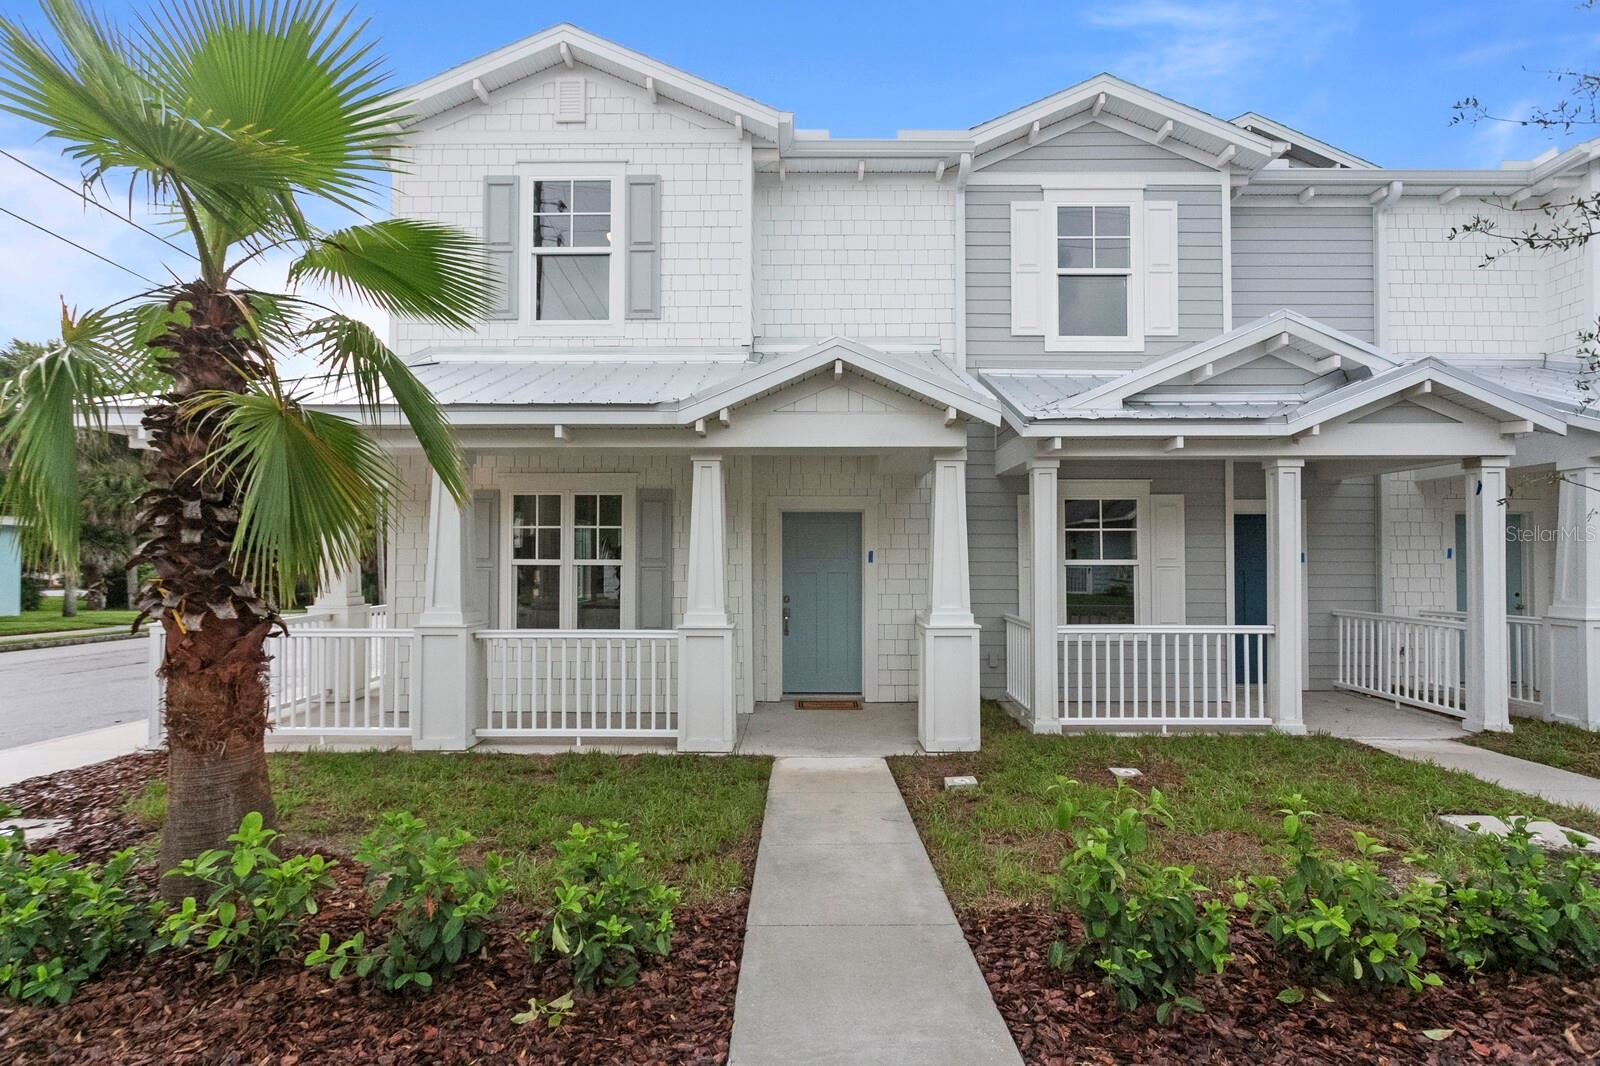 143 N RING AVENUE, Tarpon Springs, FL 34689 - MLS#: U8119816